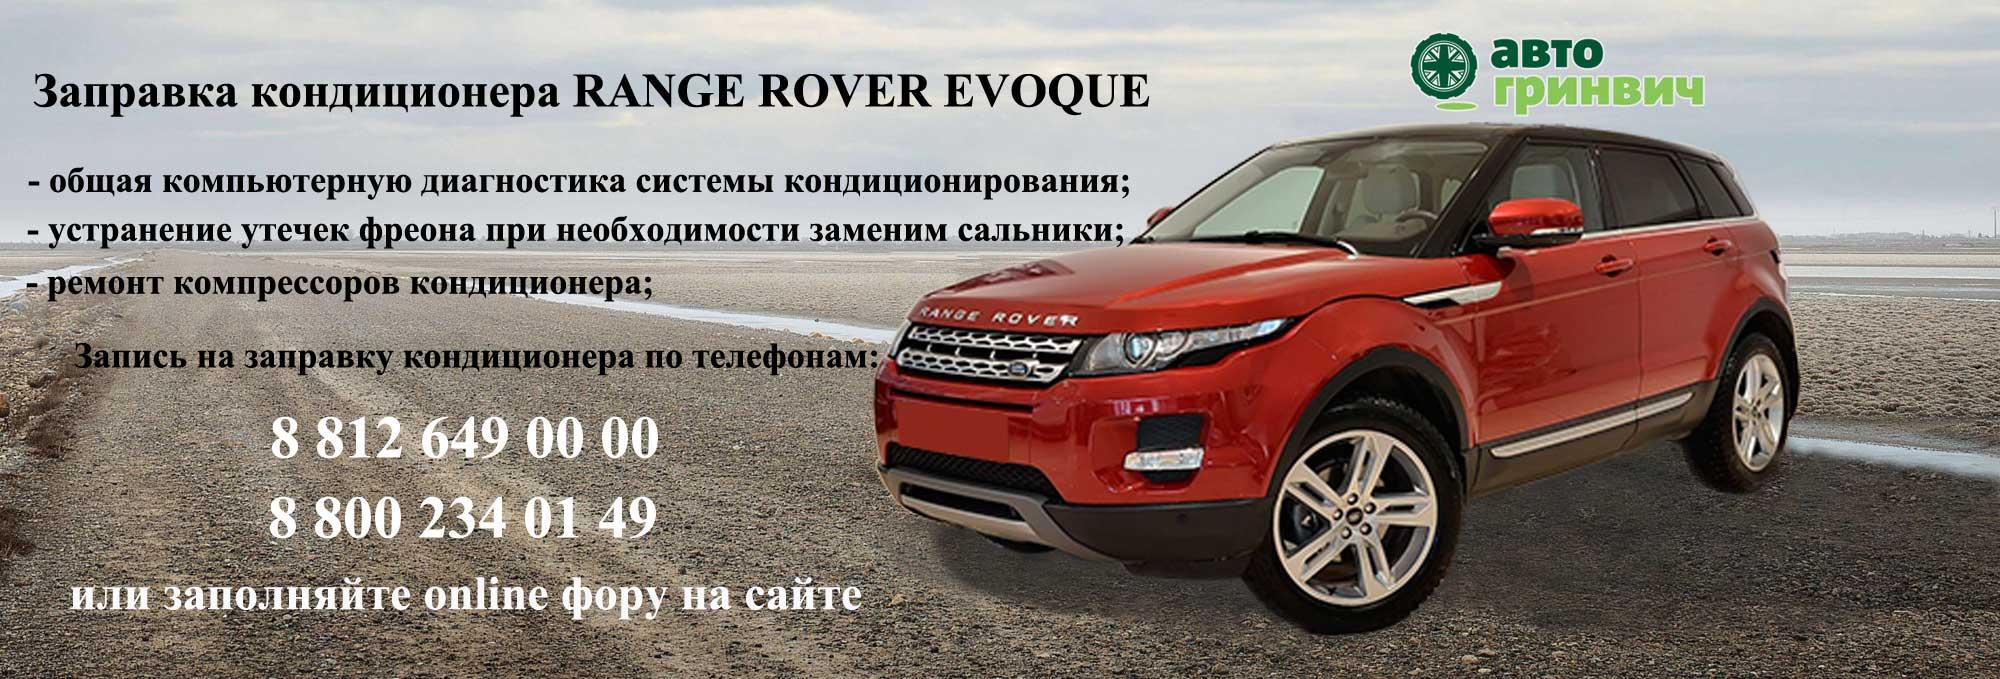 Заправка кондиционера Range Rover Evoque